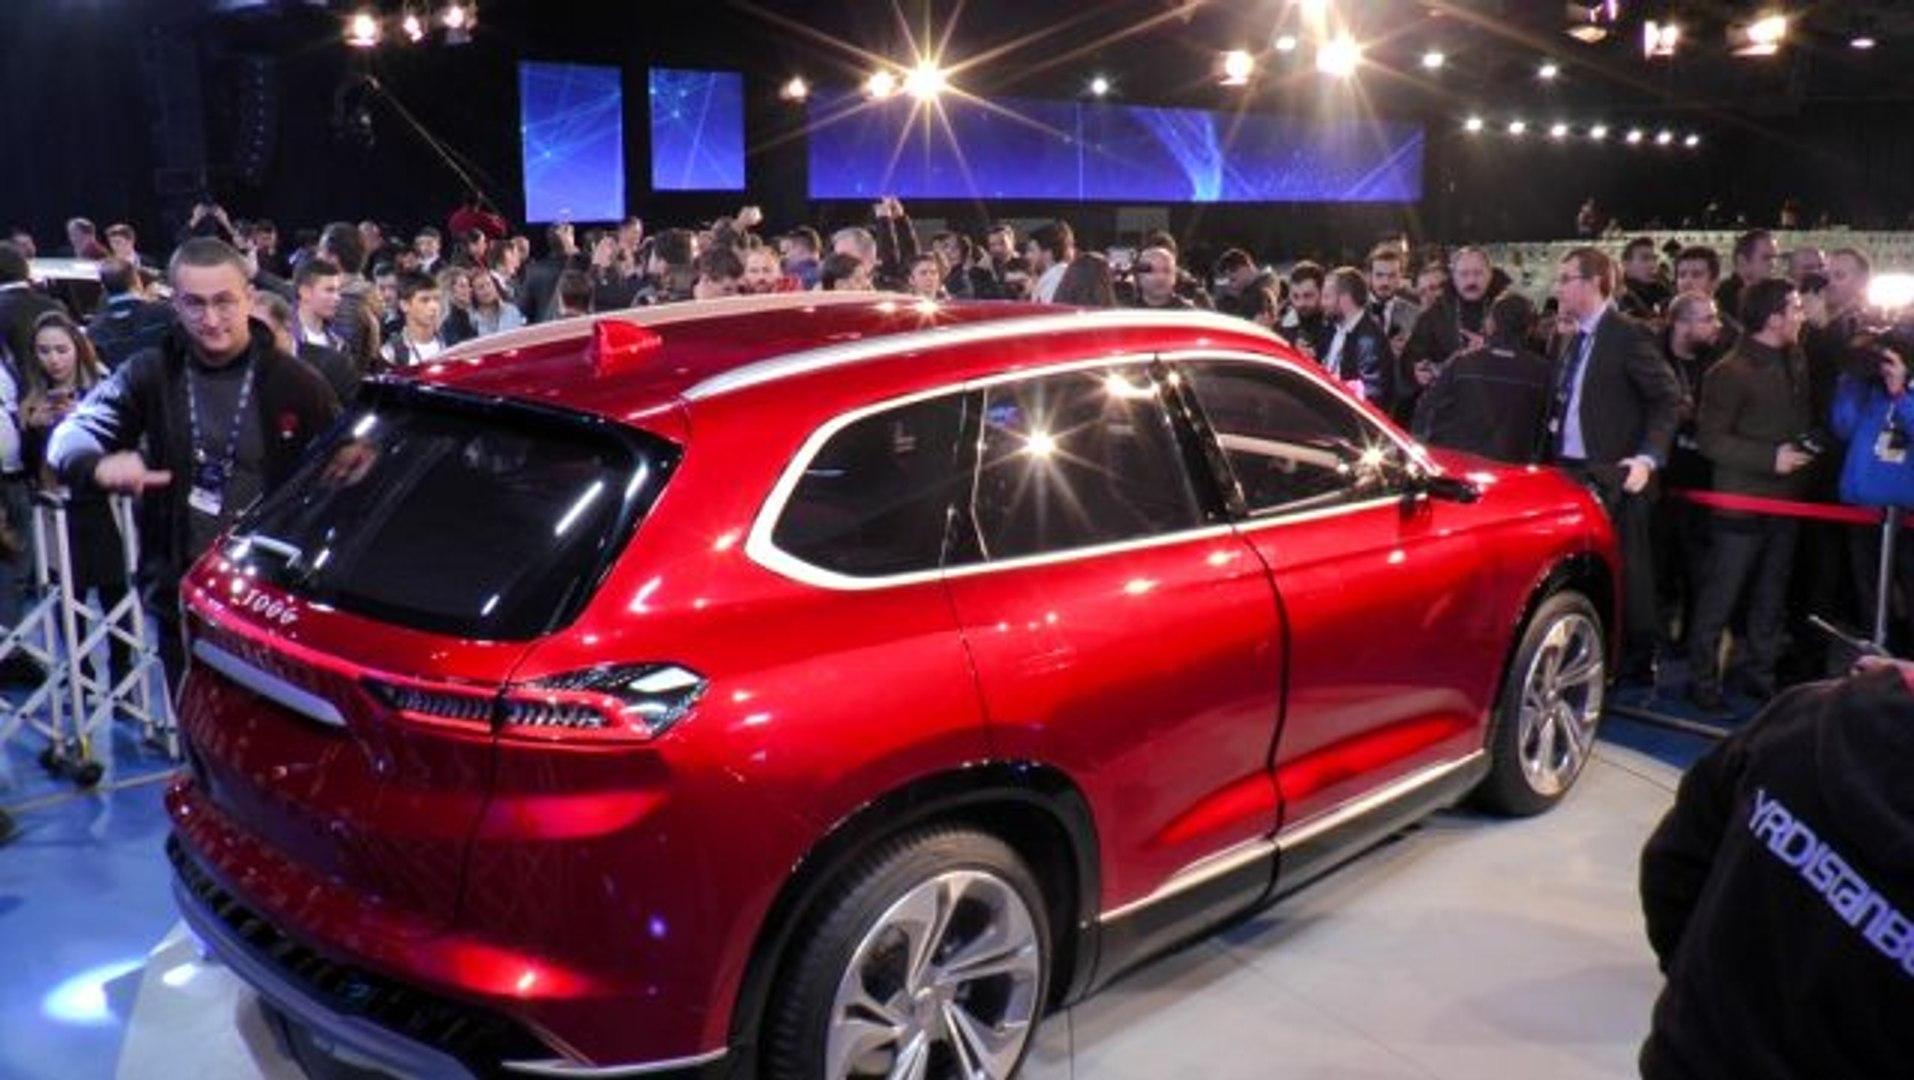 TOGG, yerli otomobilin markalaşma süreciyle ilgili bir video yayınladı